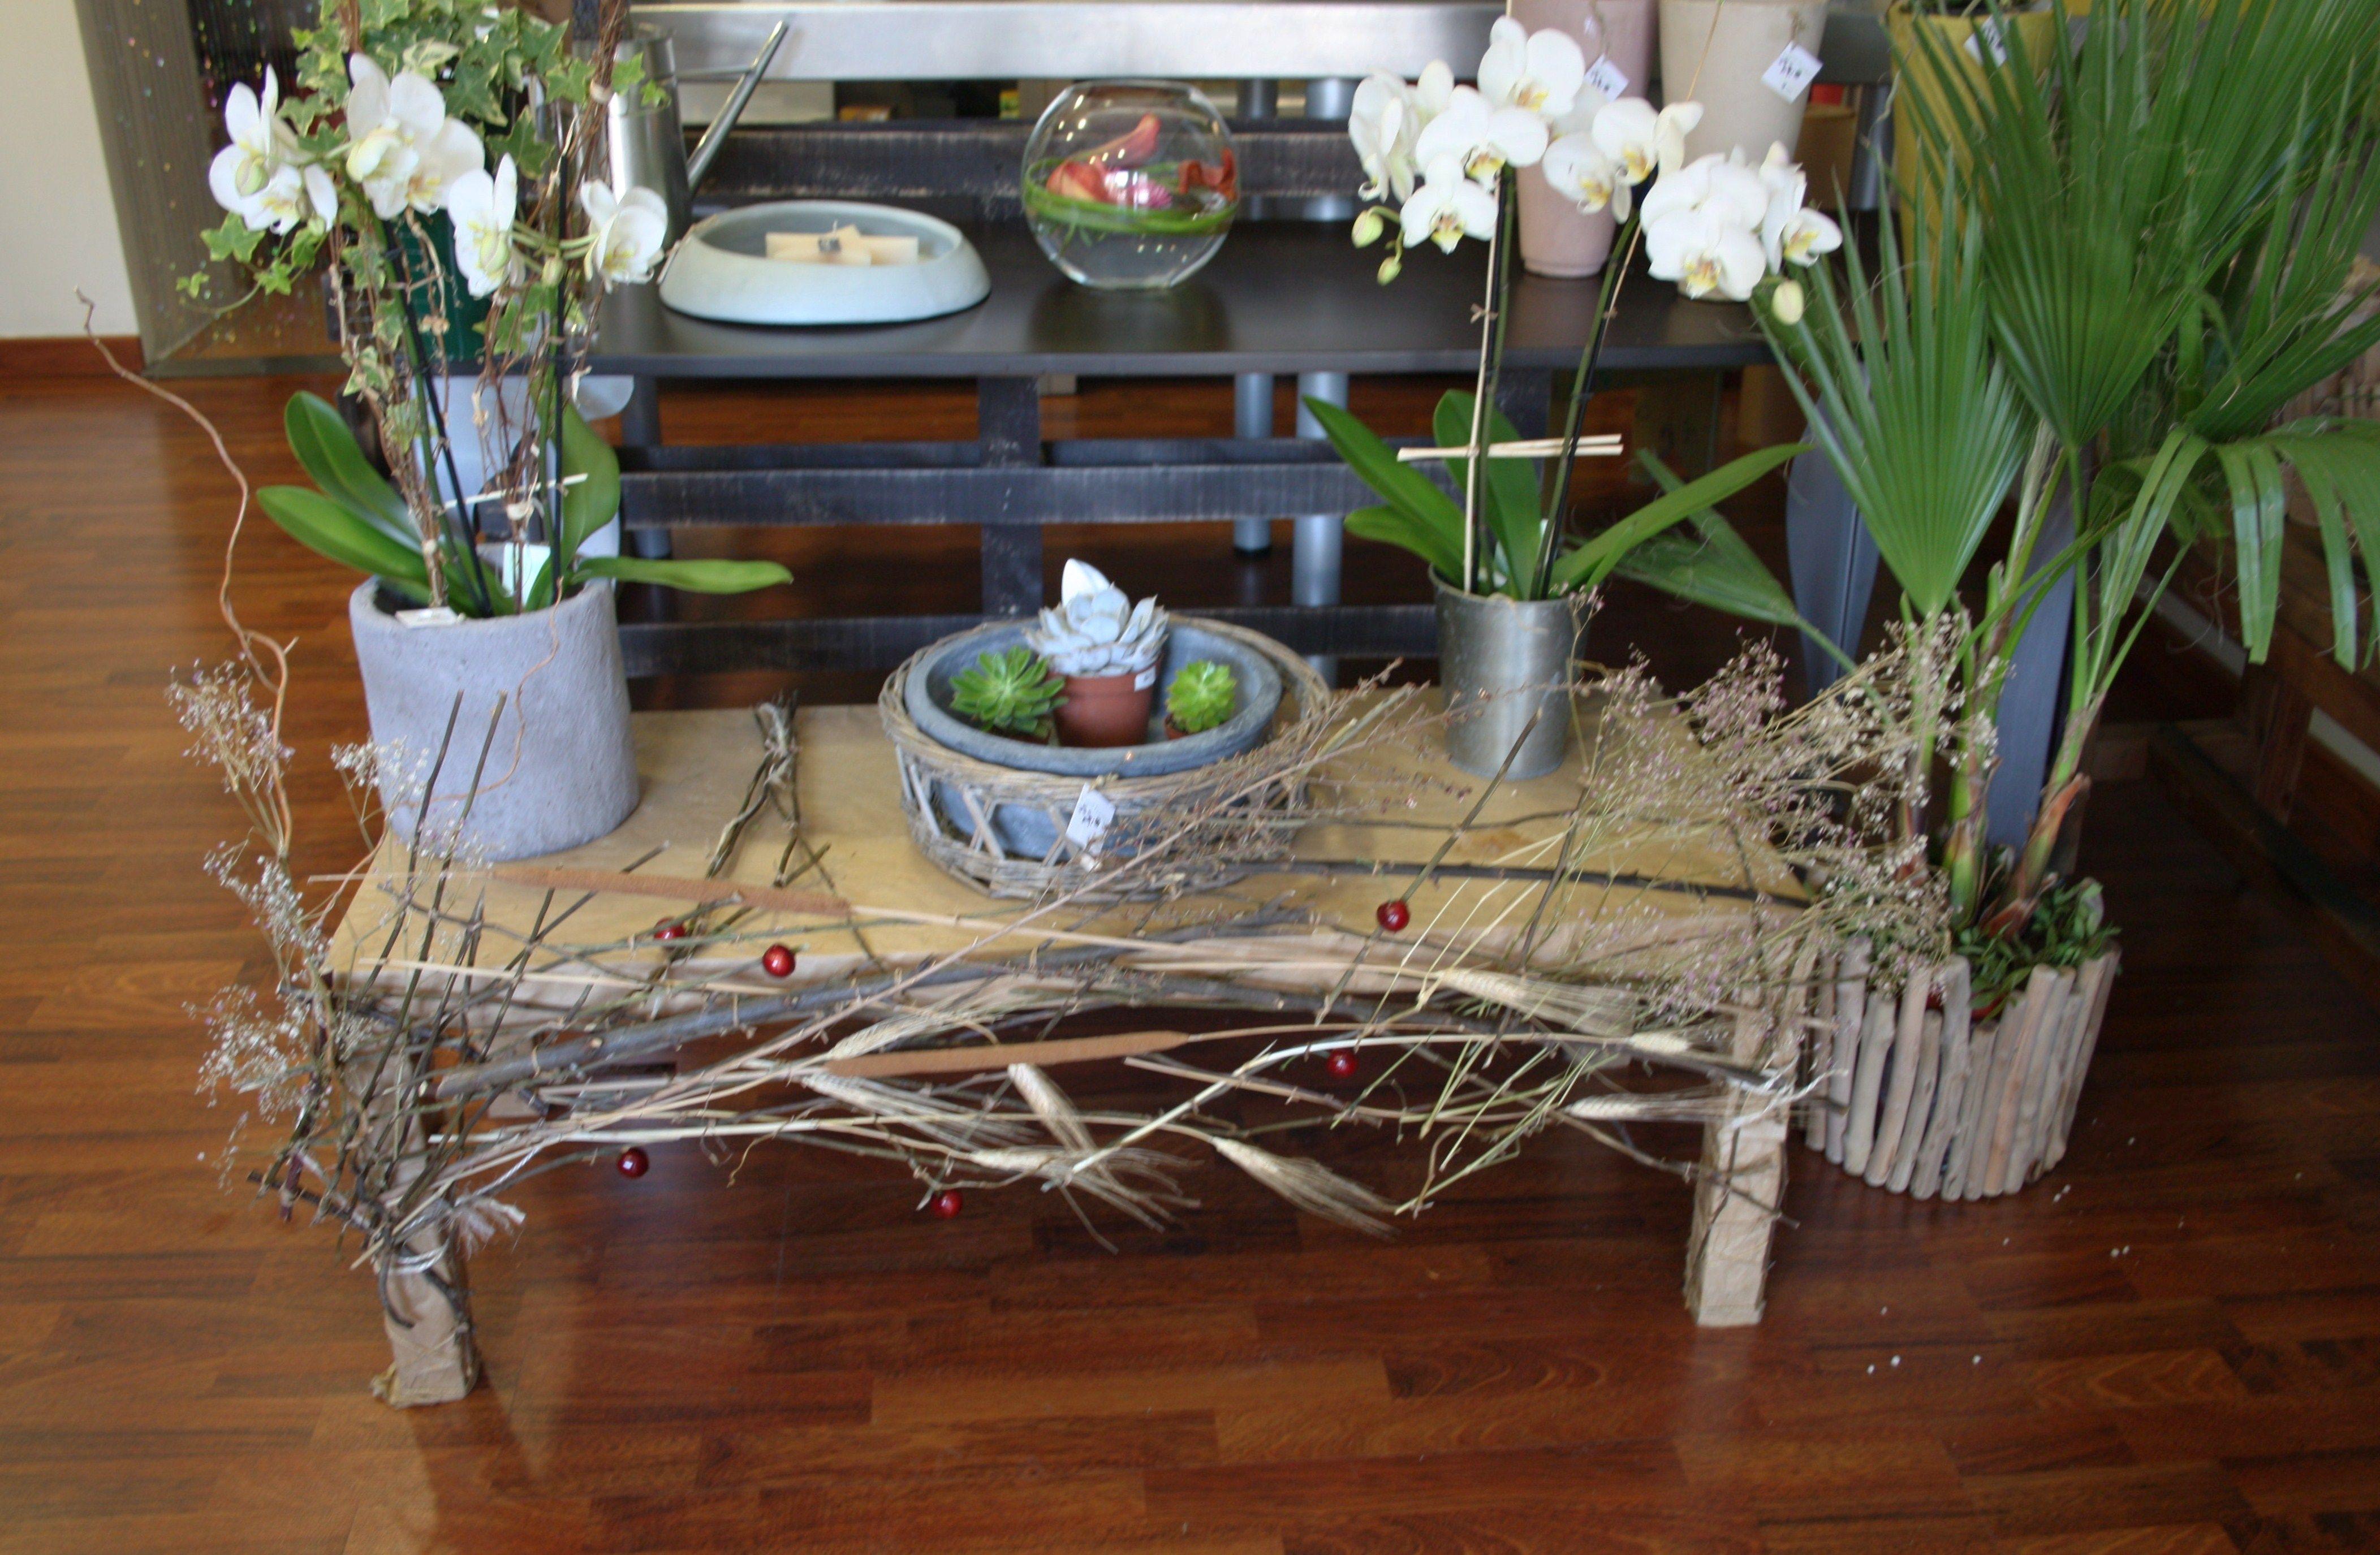 Mesa baja decorada para exponer